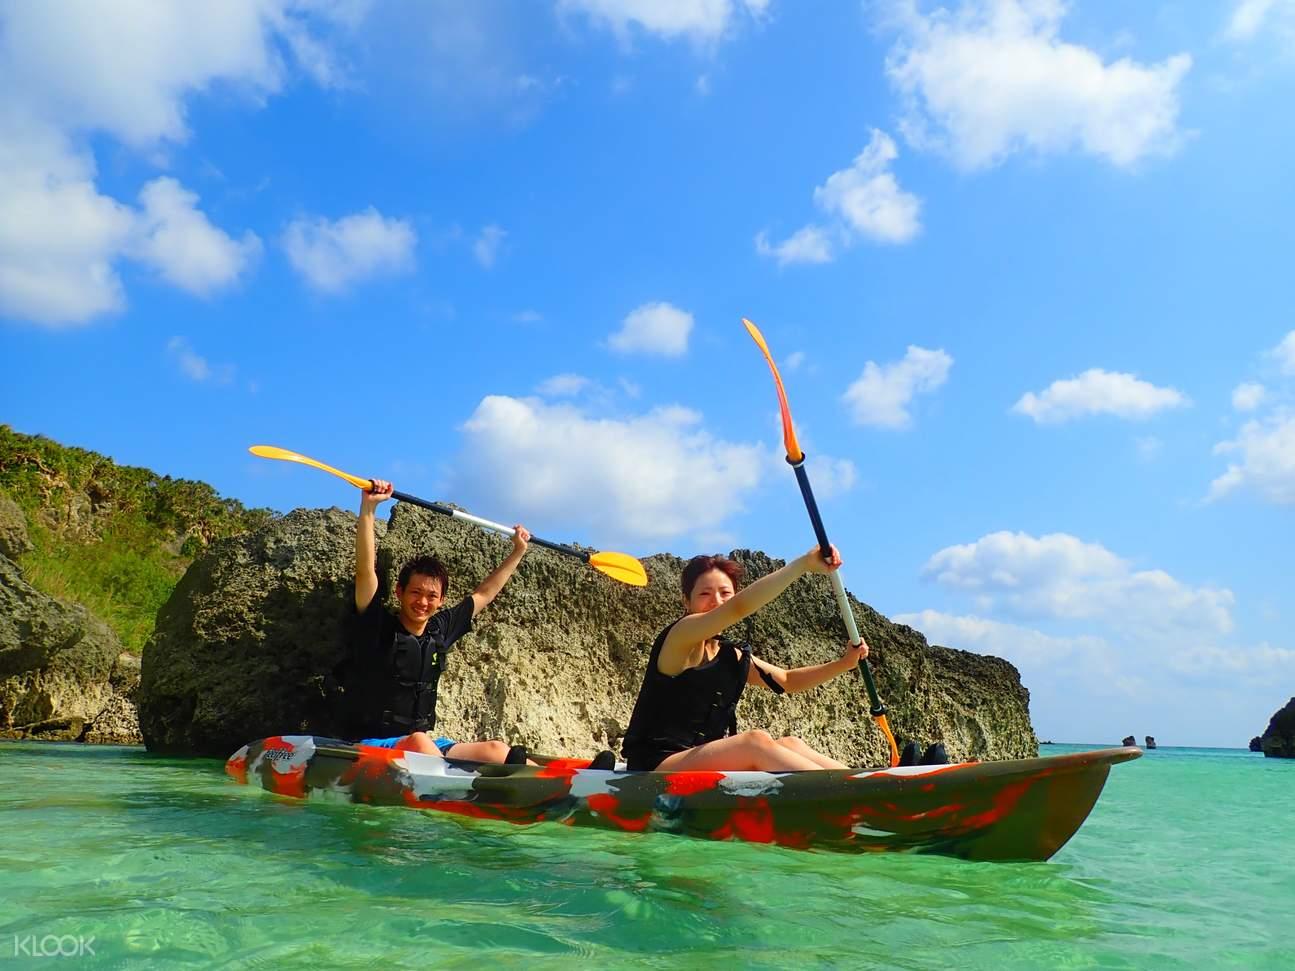 SUP/Canoe Tour